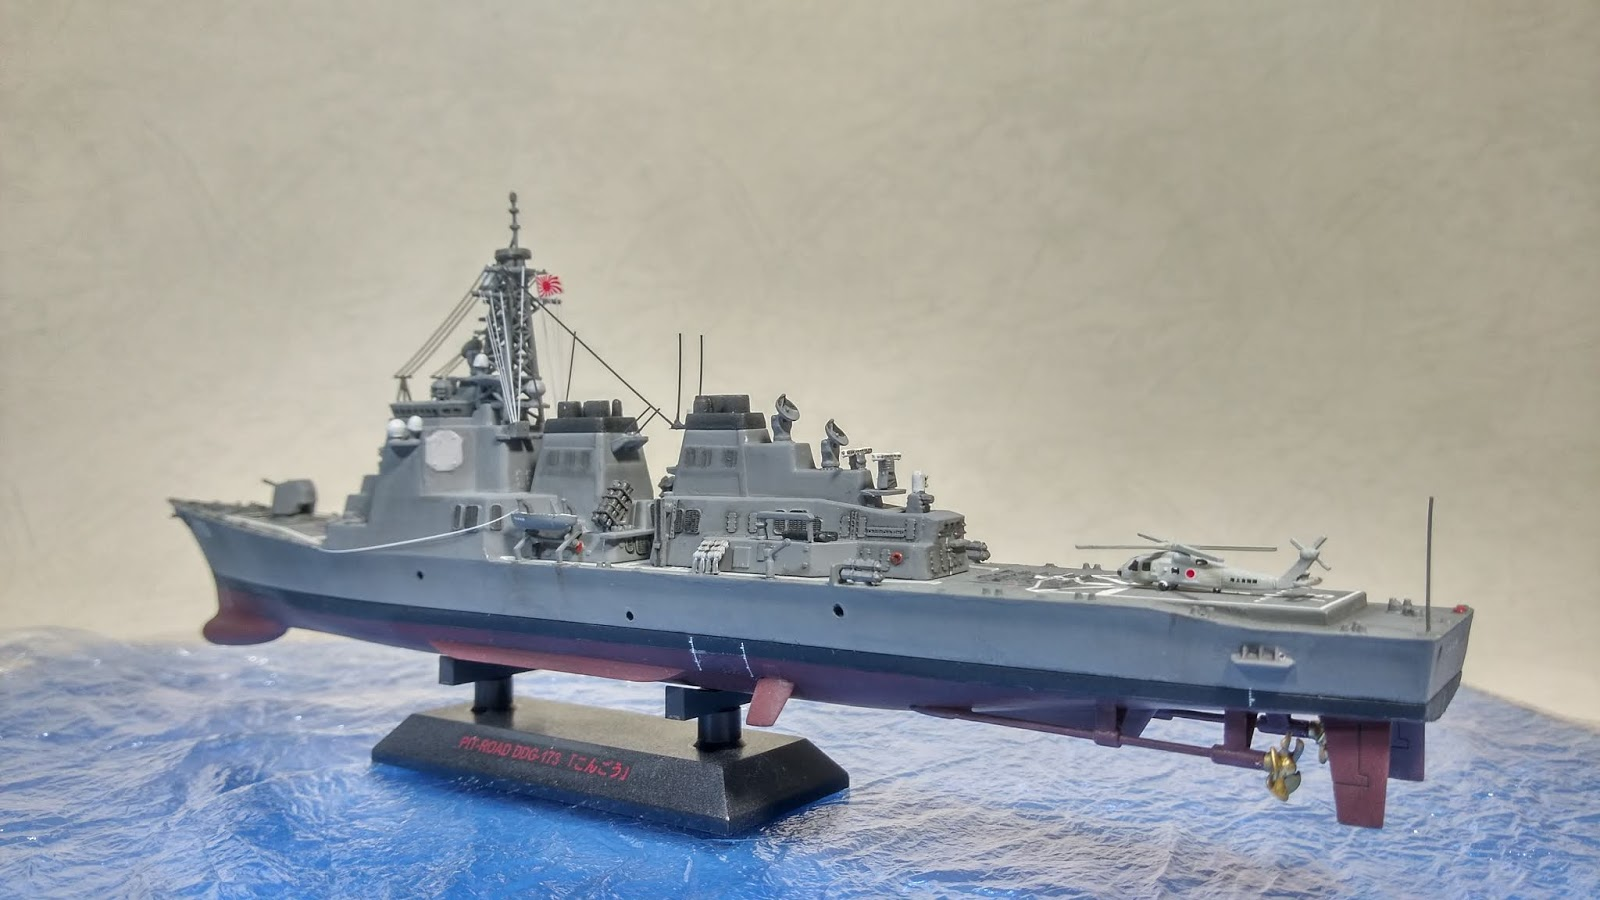 白貓模型格納庫 Ddg 173 こんごうイージスミサイル護衛艦日本海上